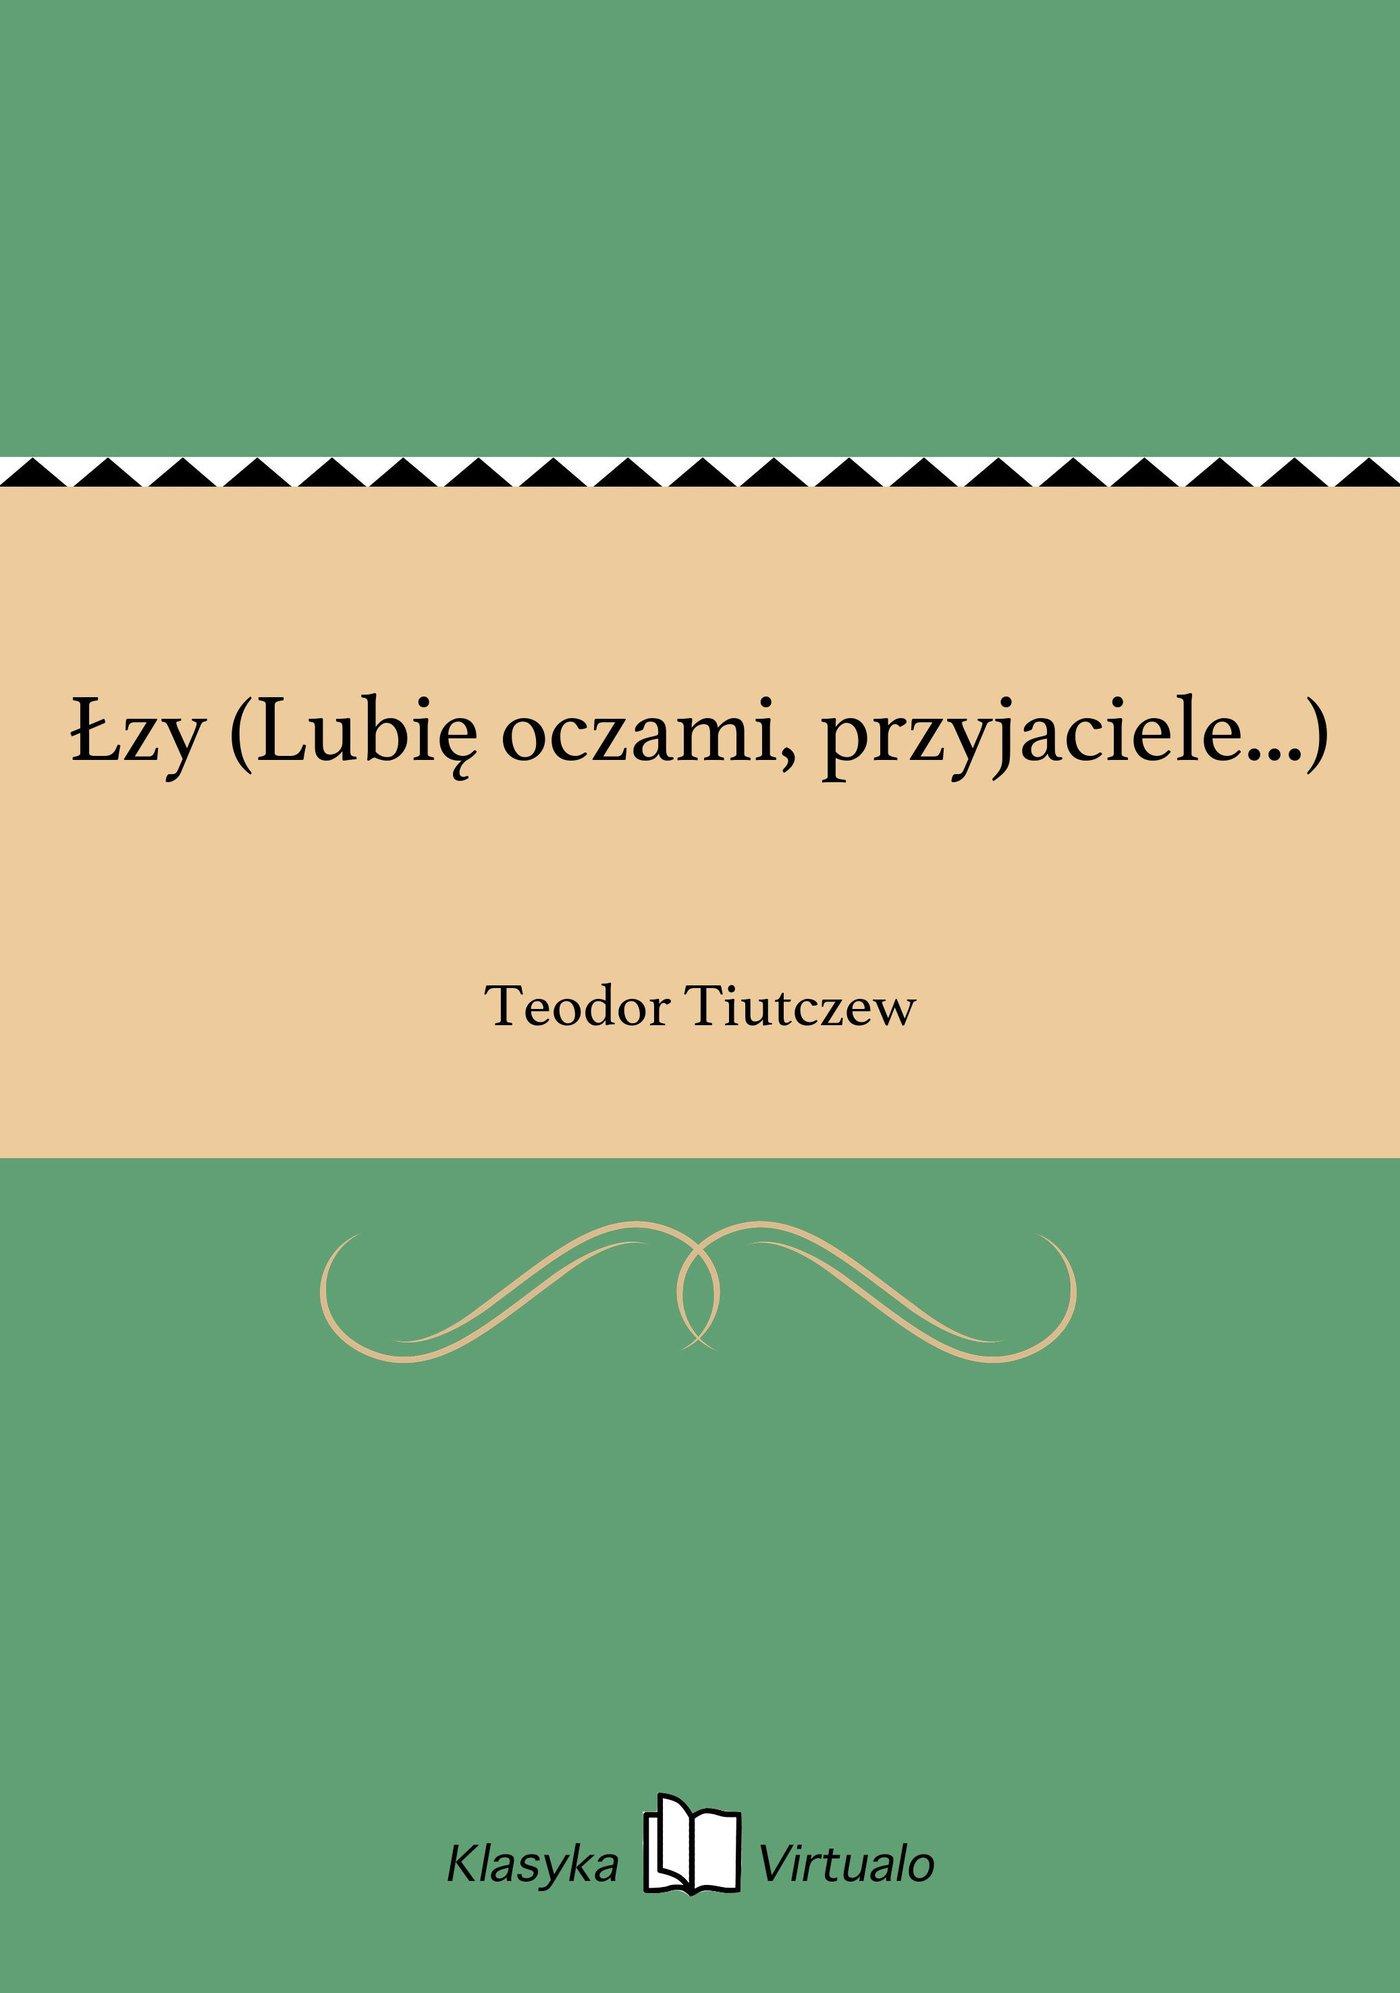 Łzy (Lubię oczami, przyjaciele...) - Ebook (Książka EPUB) do pobrania w formacie EPUB